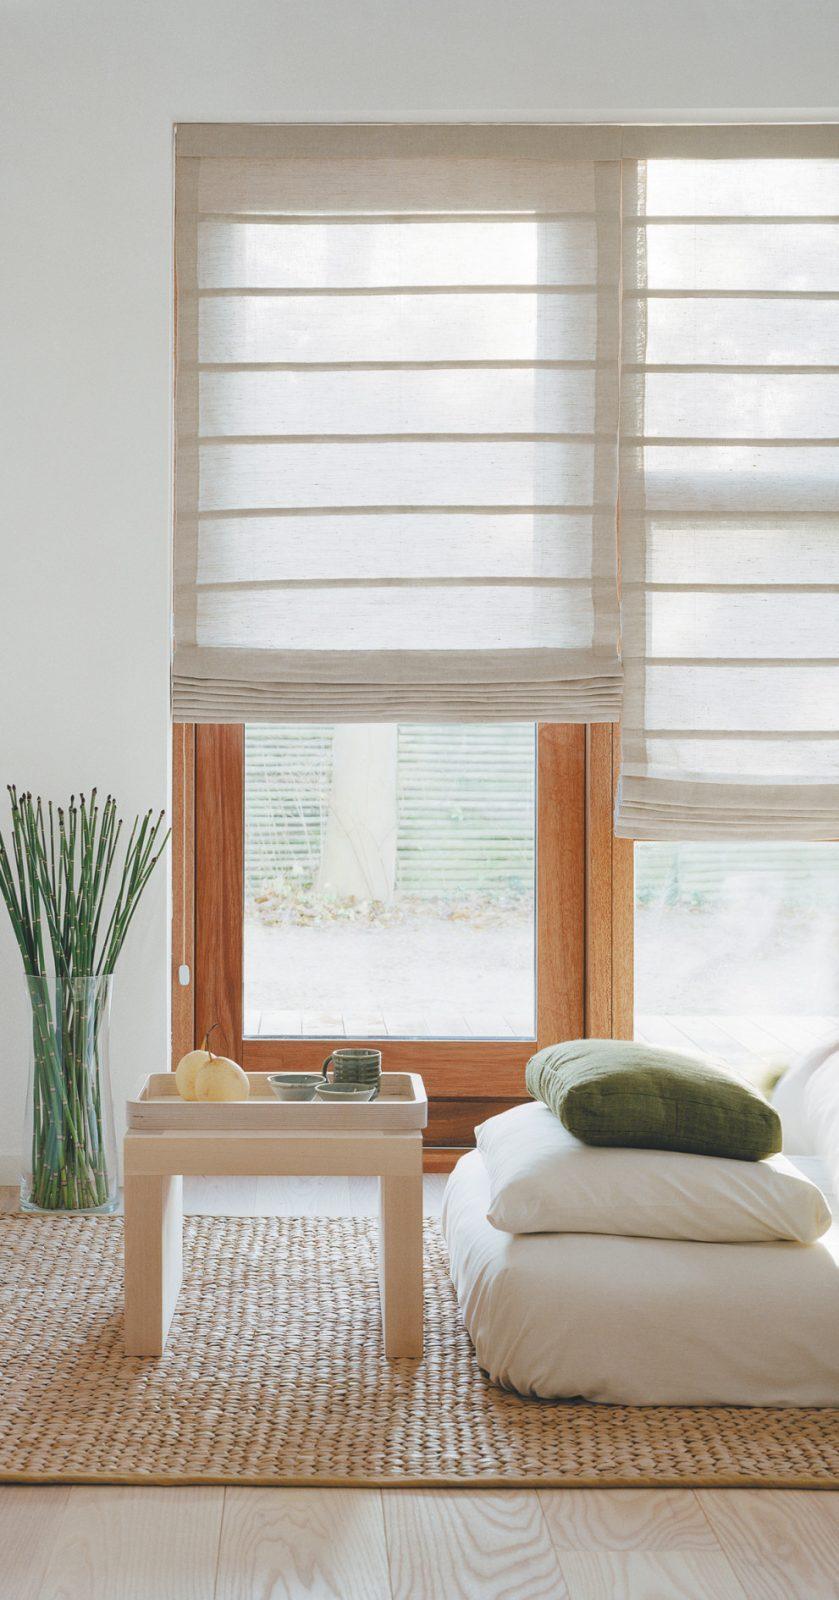 Schlafzimmer Vorhang Ideen von Schlafzimmer Vorhänge Ideen Photo